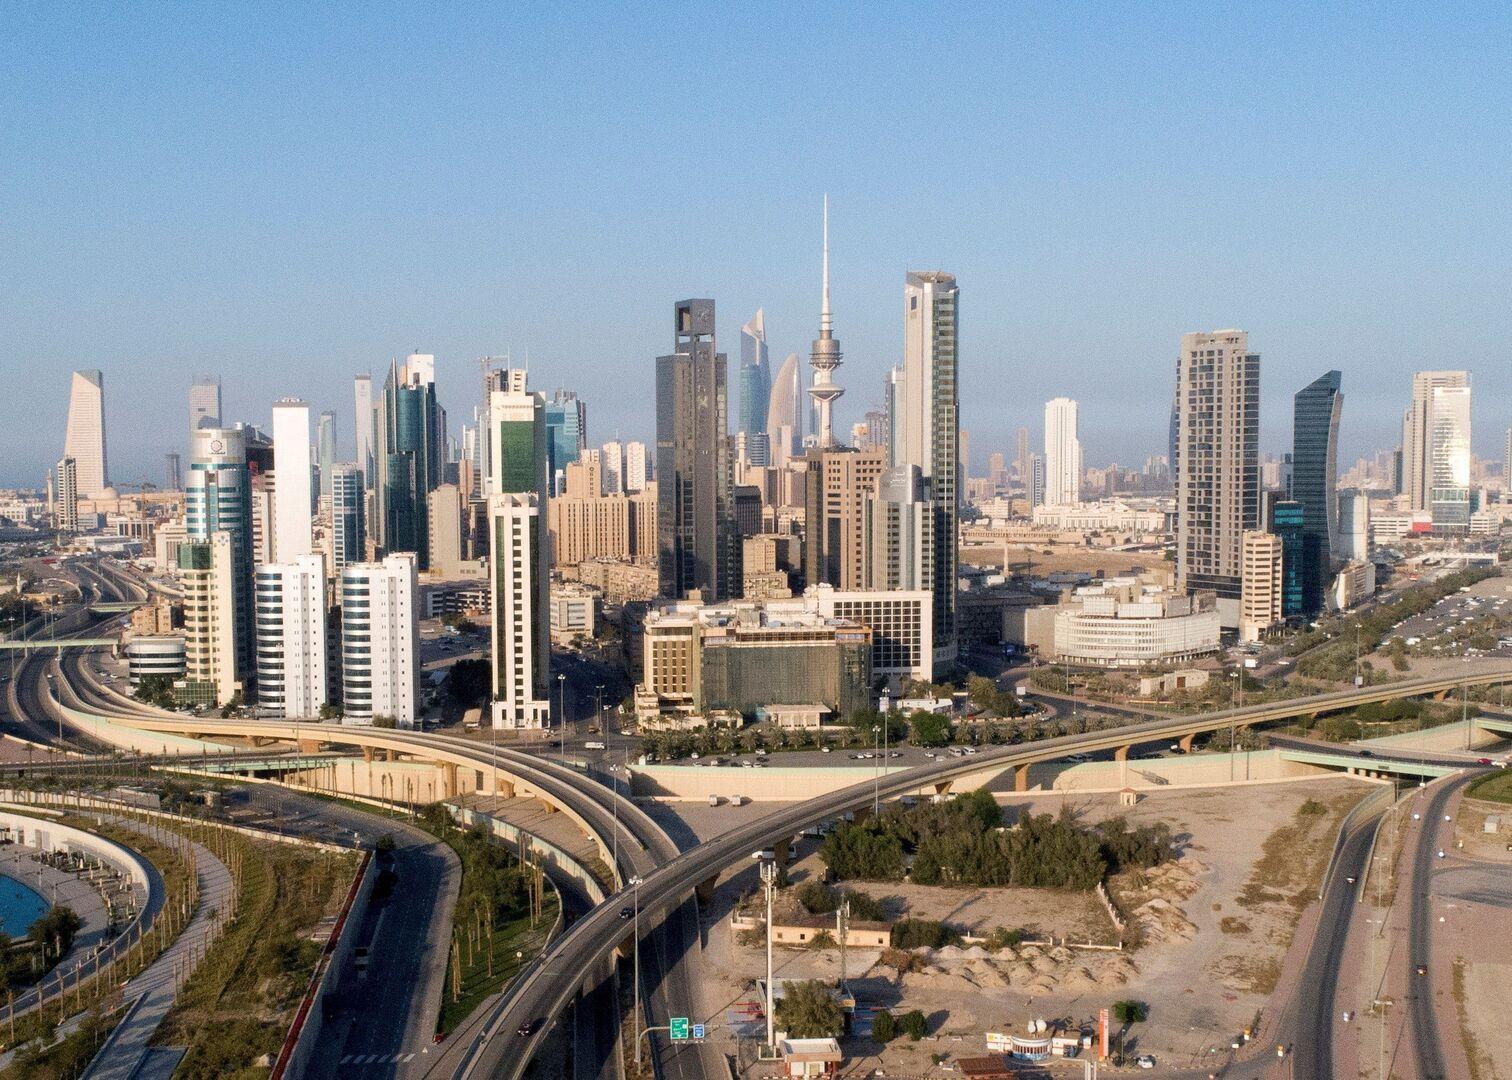 الكويت تأمر بخفض الإنفاق من ميزانيتها الحالية بما لا يقل عن 10%